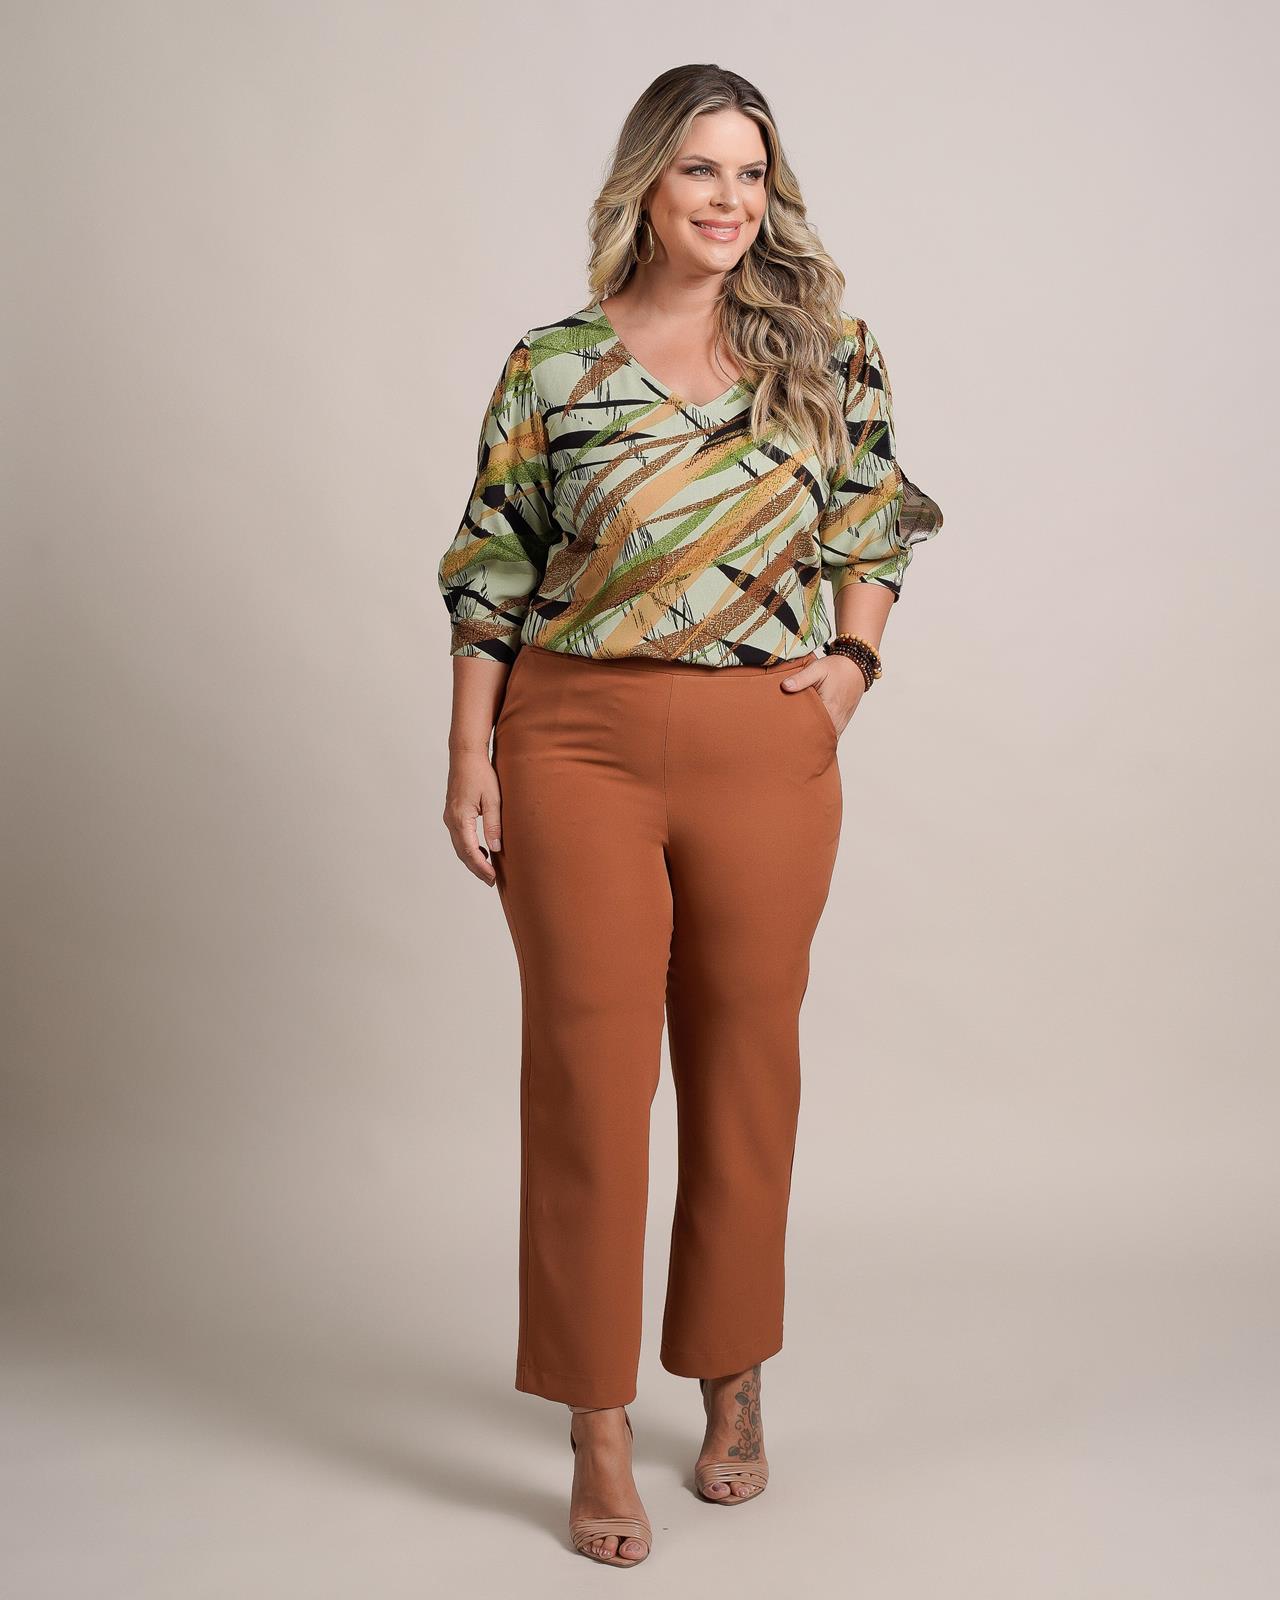 Blusa plus size estampada de manguinha 3/4  Ref. U60121